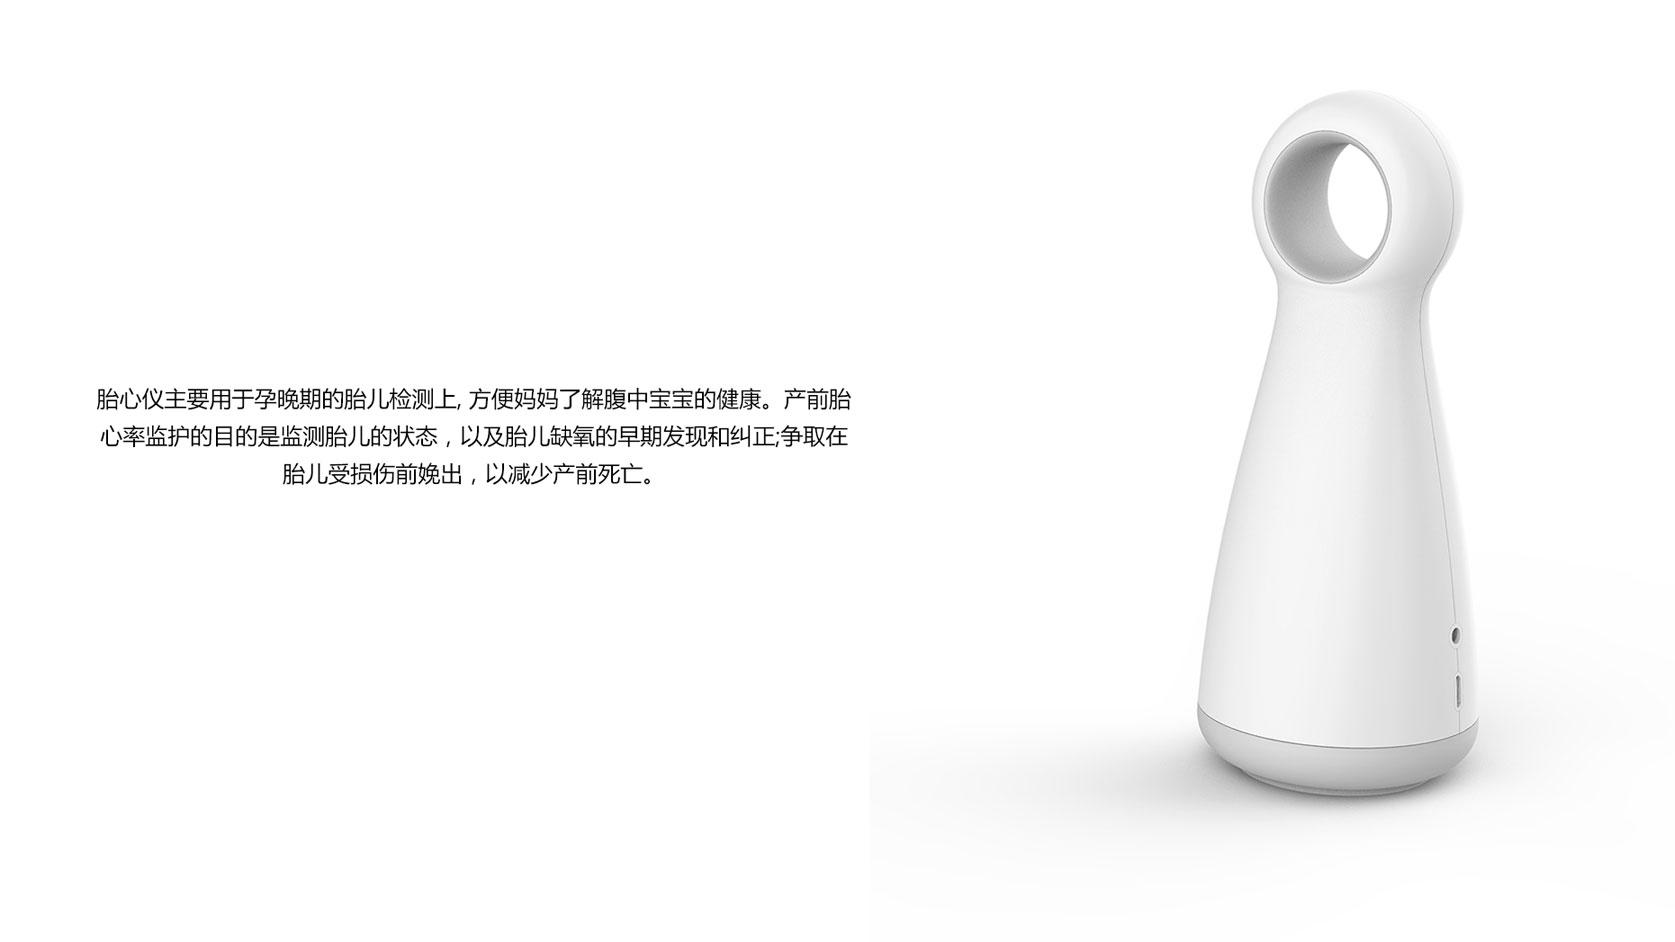 胎声仪设计2.jpg